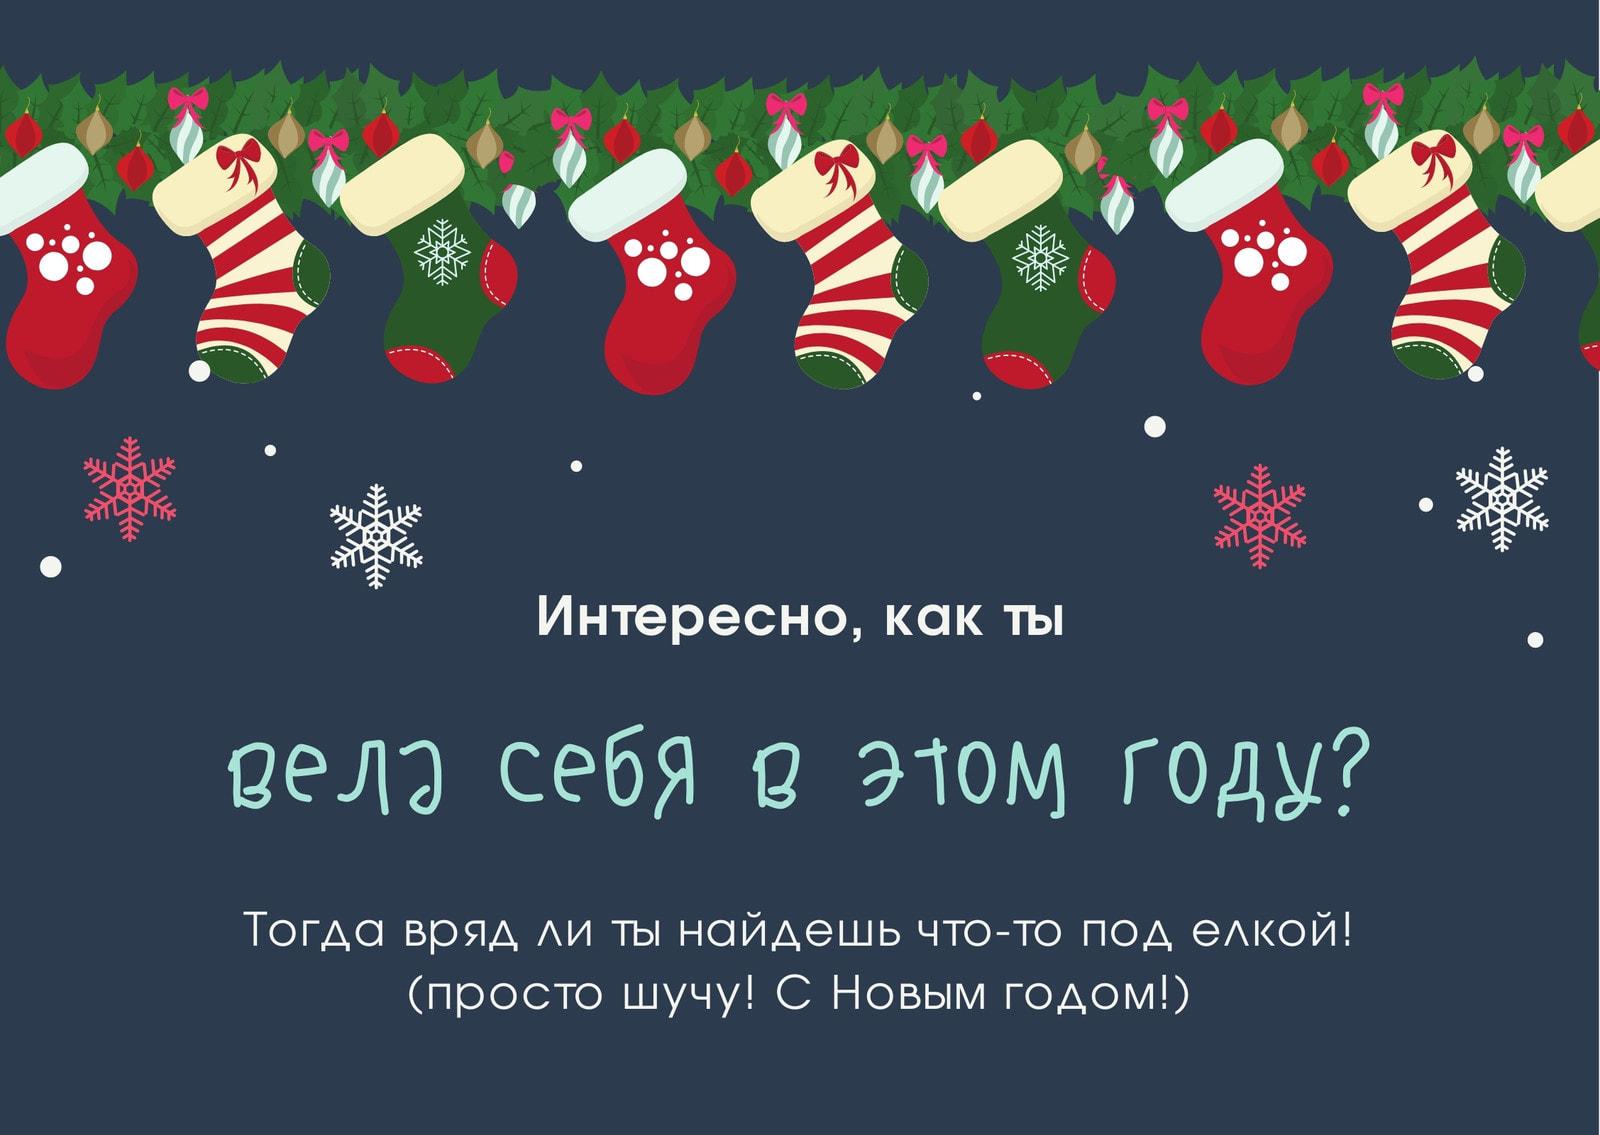 Синяя Зеленая Непослушный или Милый Рождественская Открытка